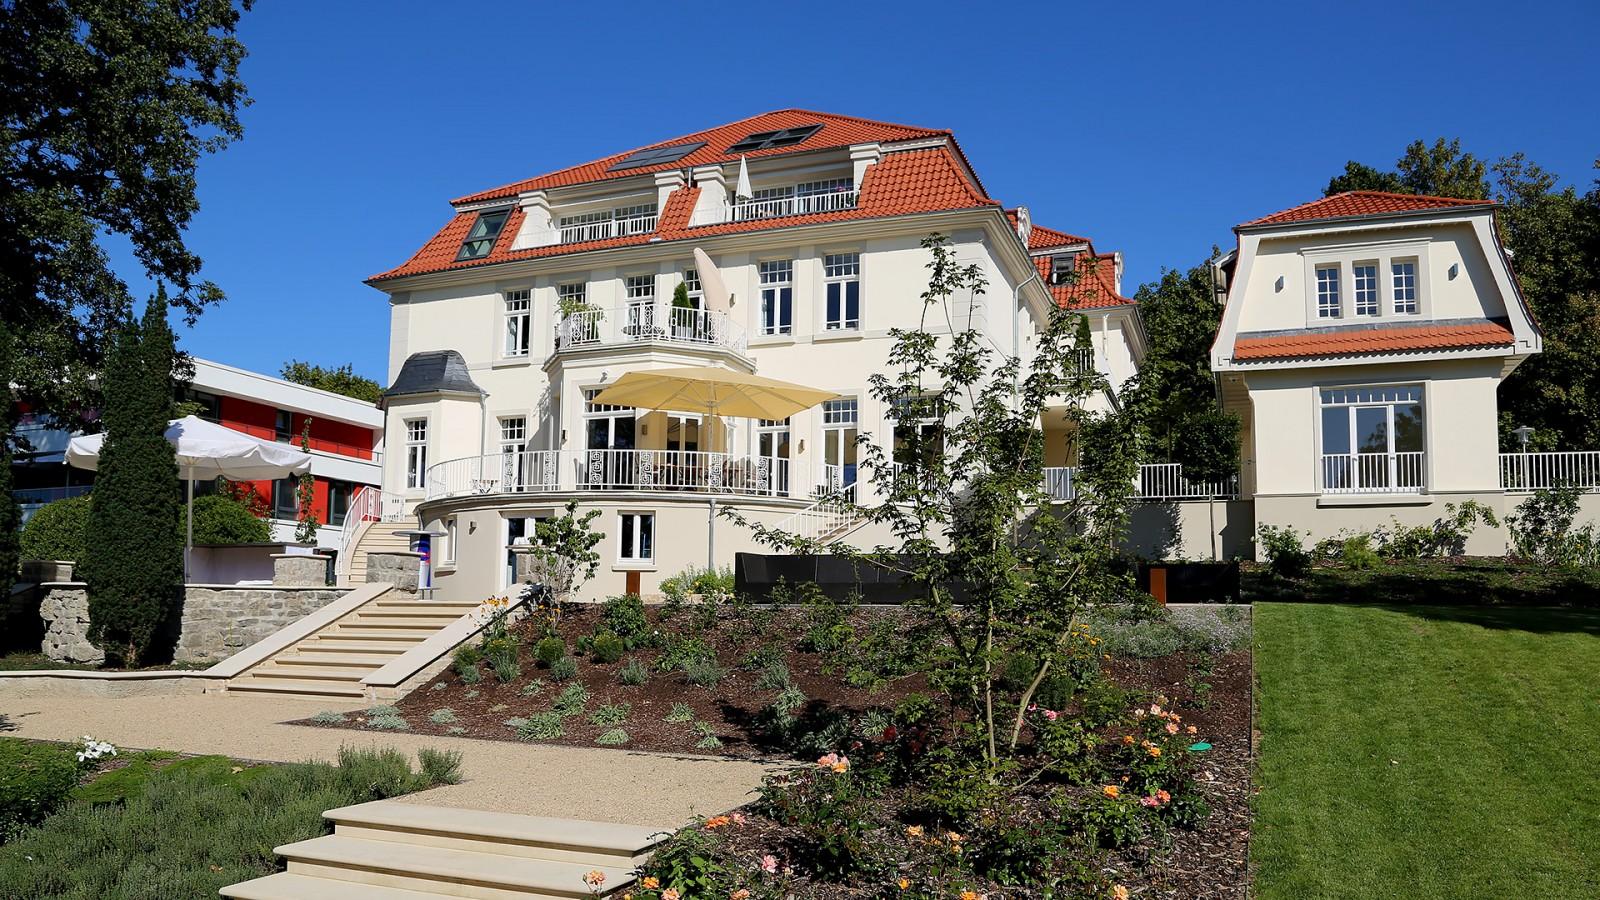 Umbau einer Villa in Hildesheim | JUNG - Architekturbüro, Innenarchitekturbüro Hildesheim